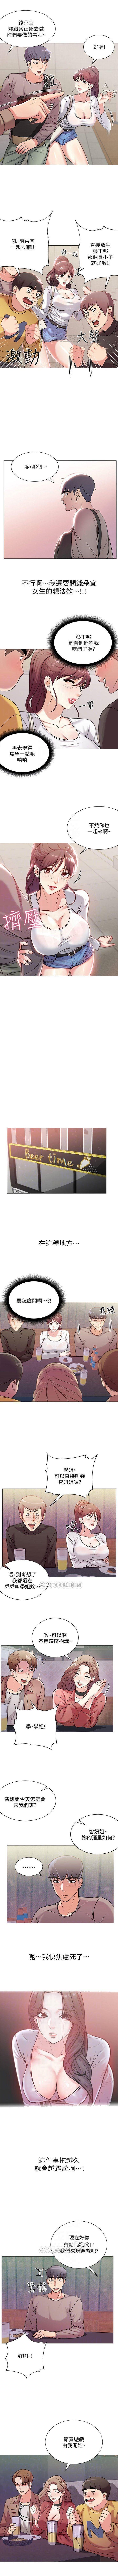 (週3)超市的漂亮姐姐 1-18 中文翻譯(更新中) 60